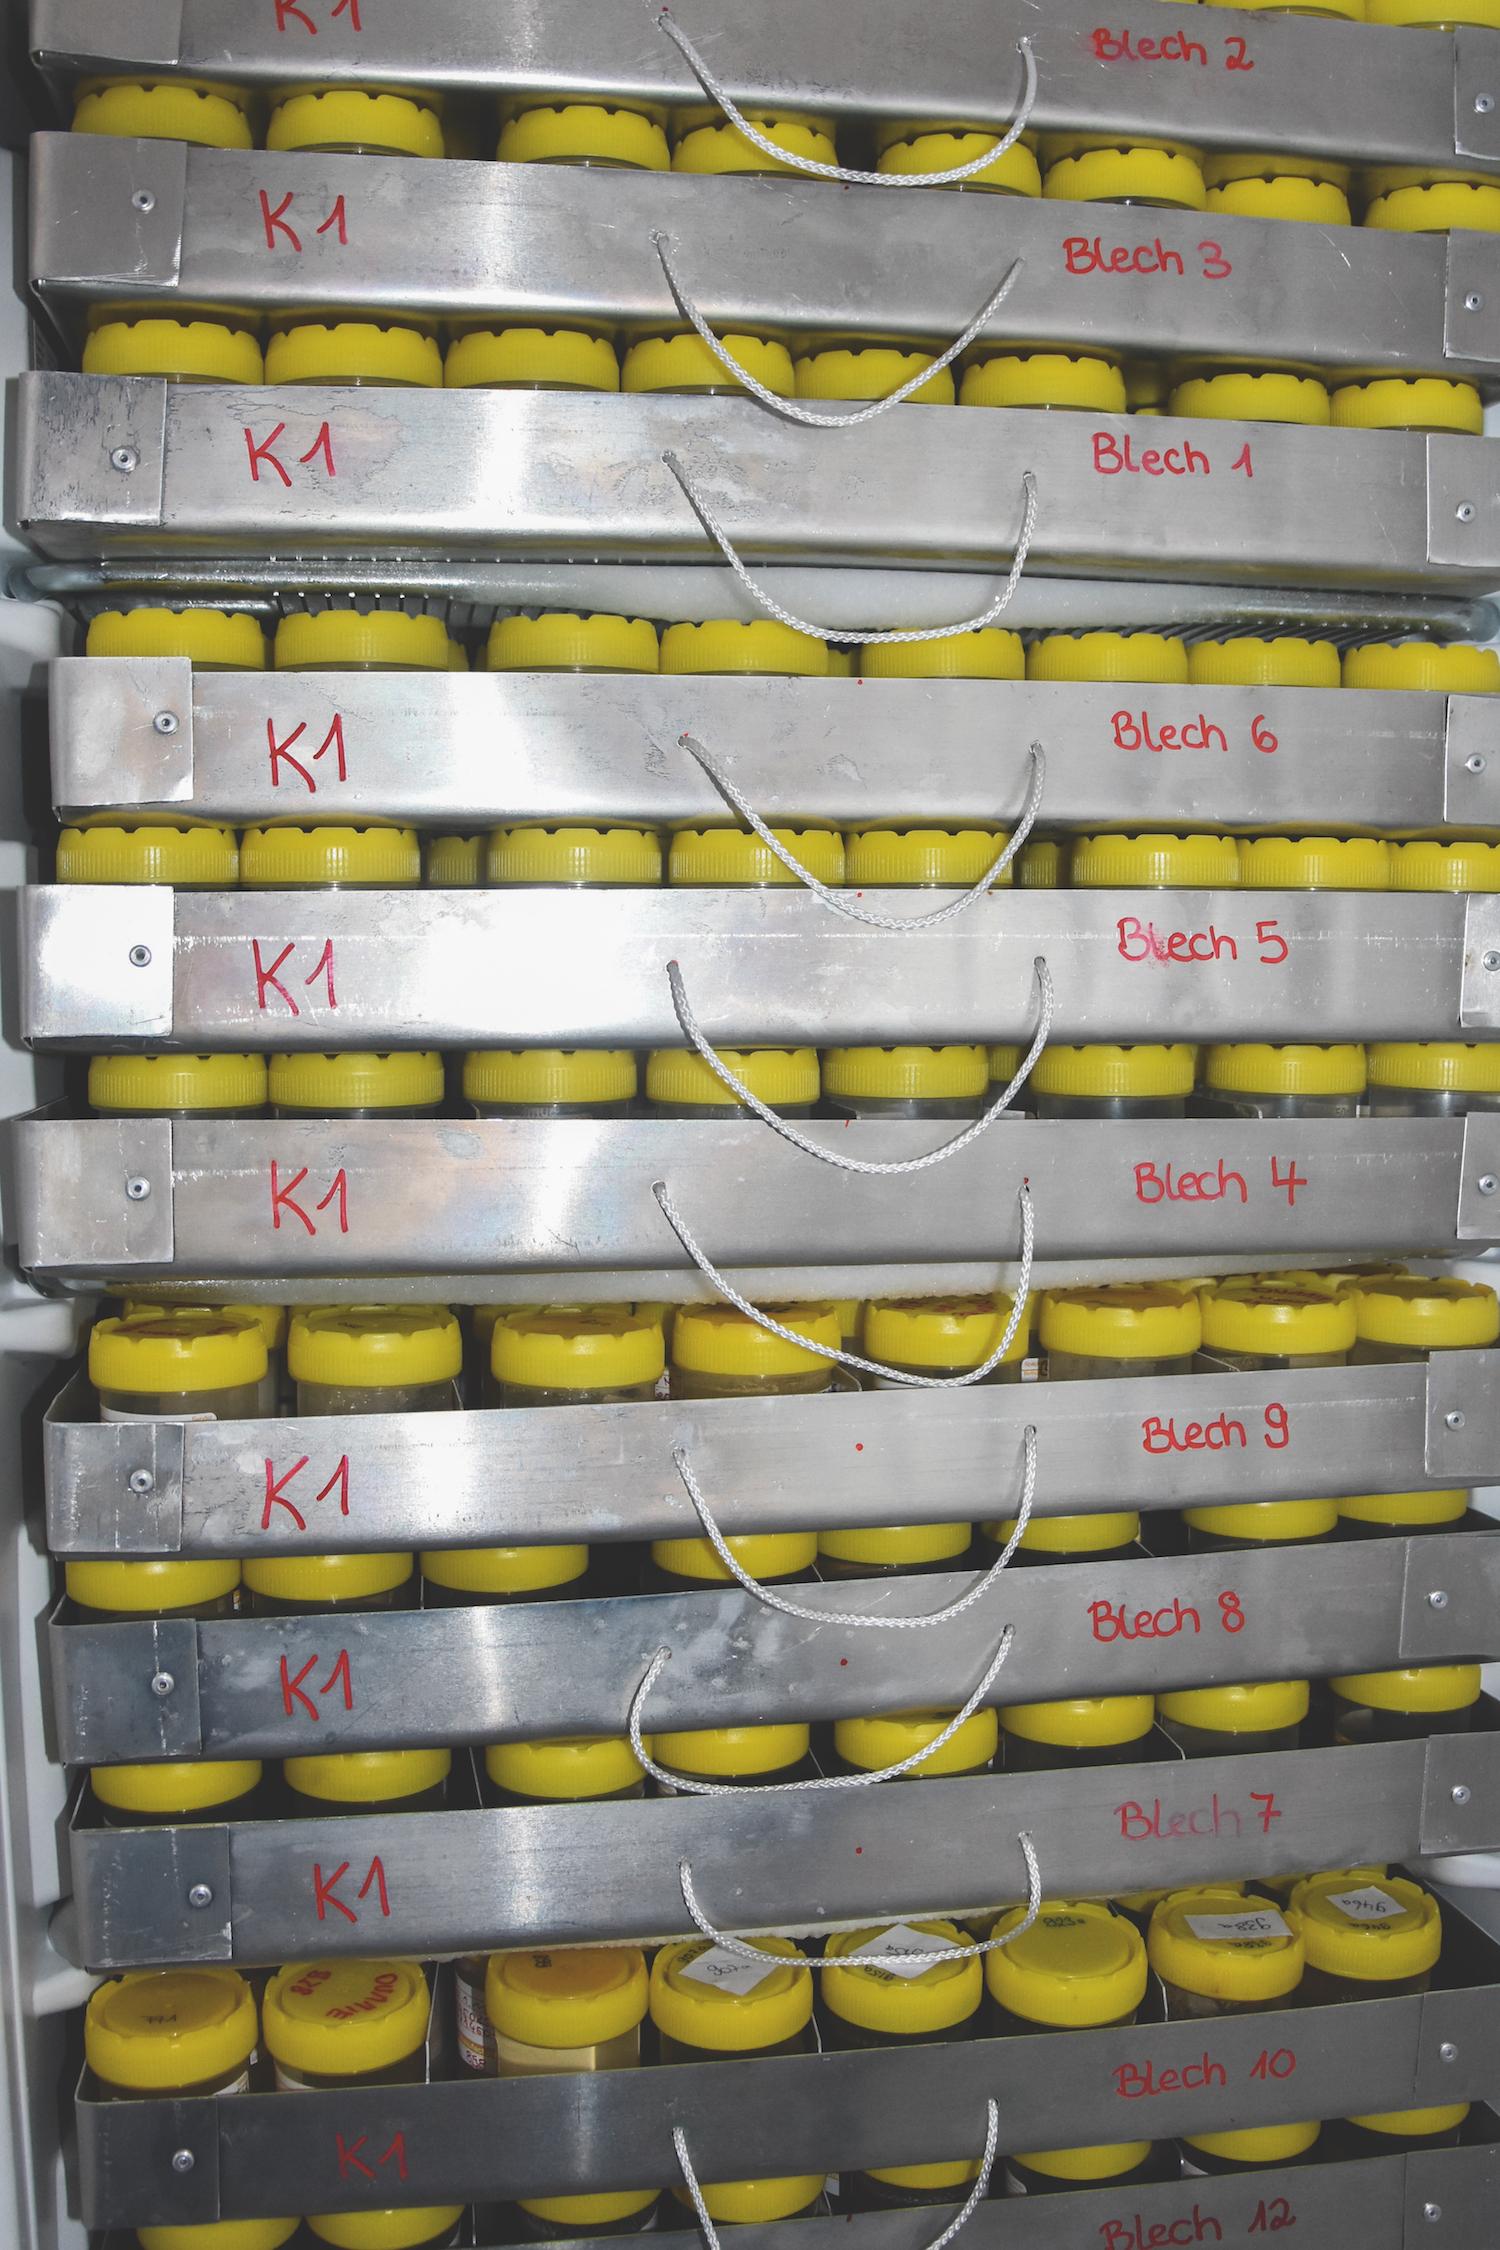 Probenaufbewahrung in einem Gefrierschrank am Senckenberg Institut.